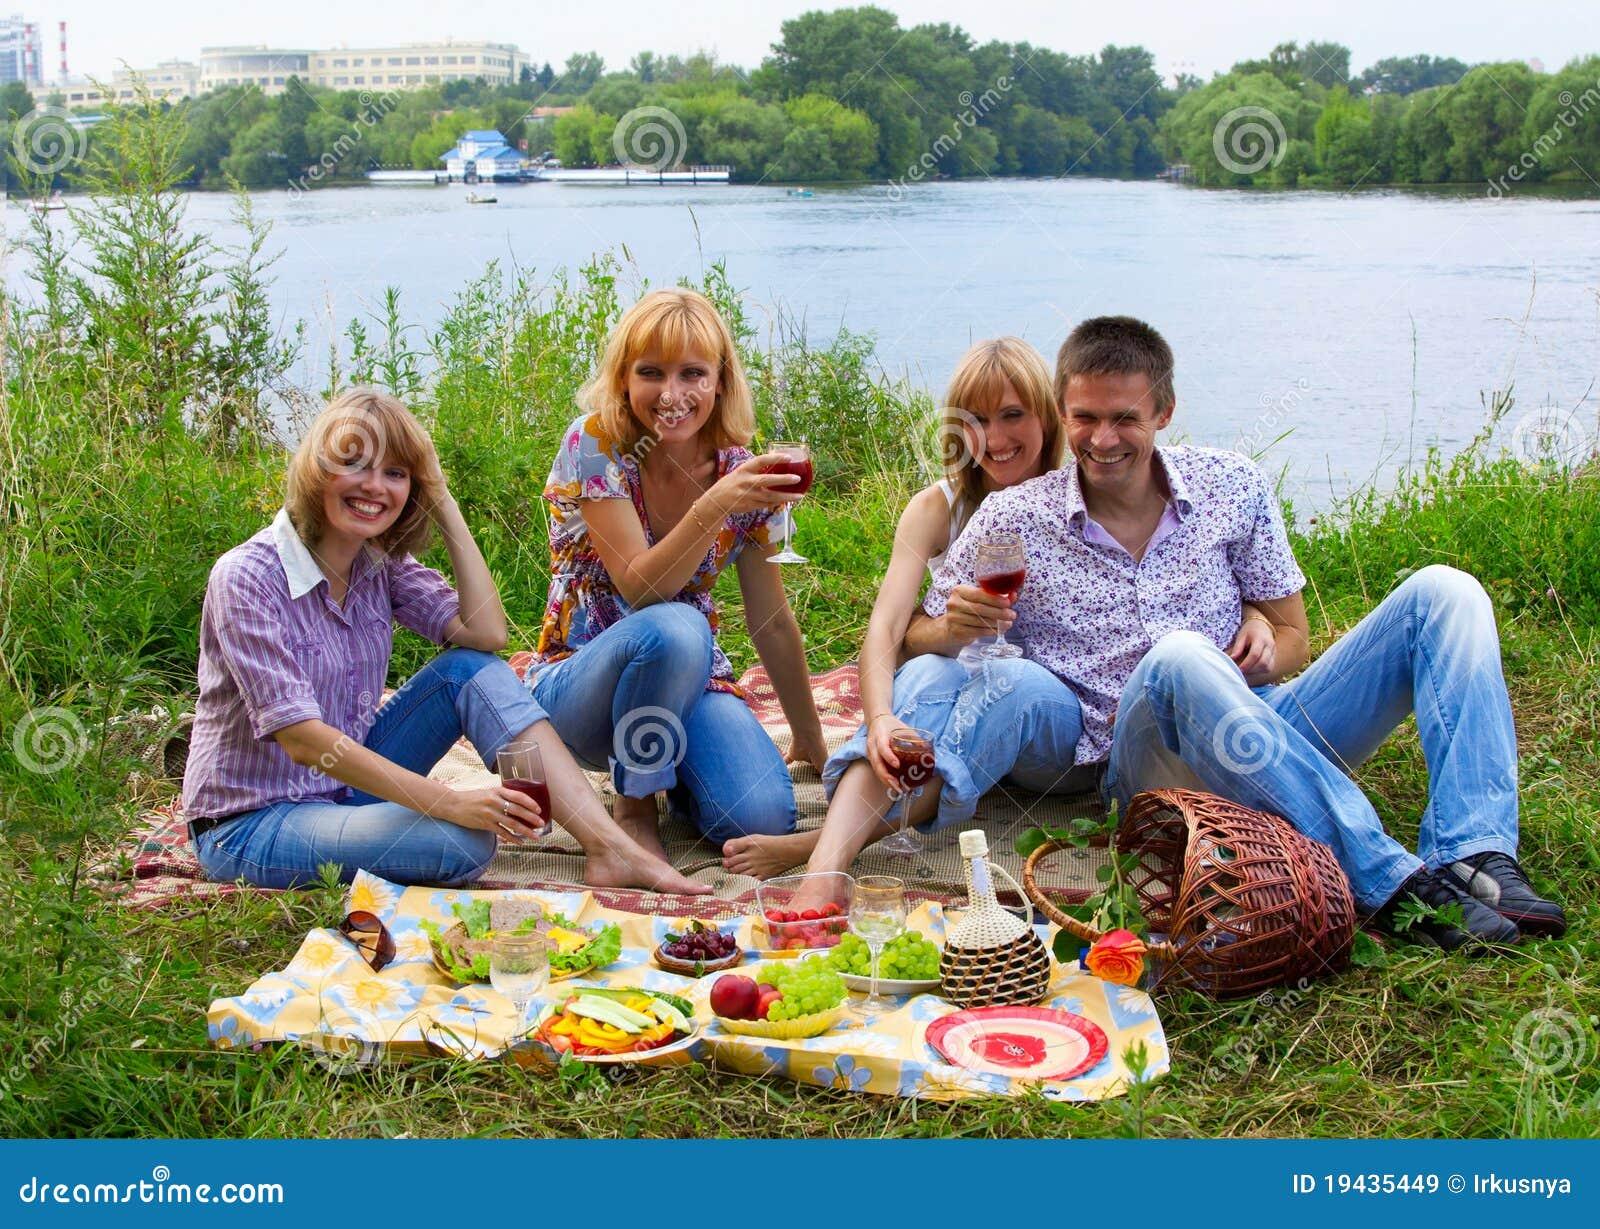 С женой на пикнике 5 фотография